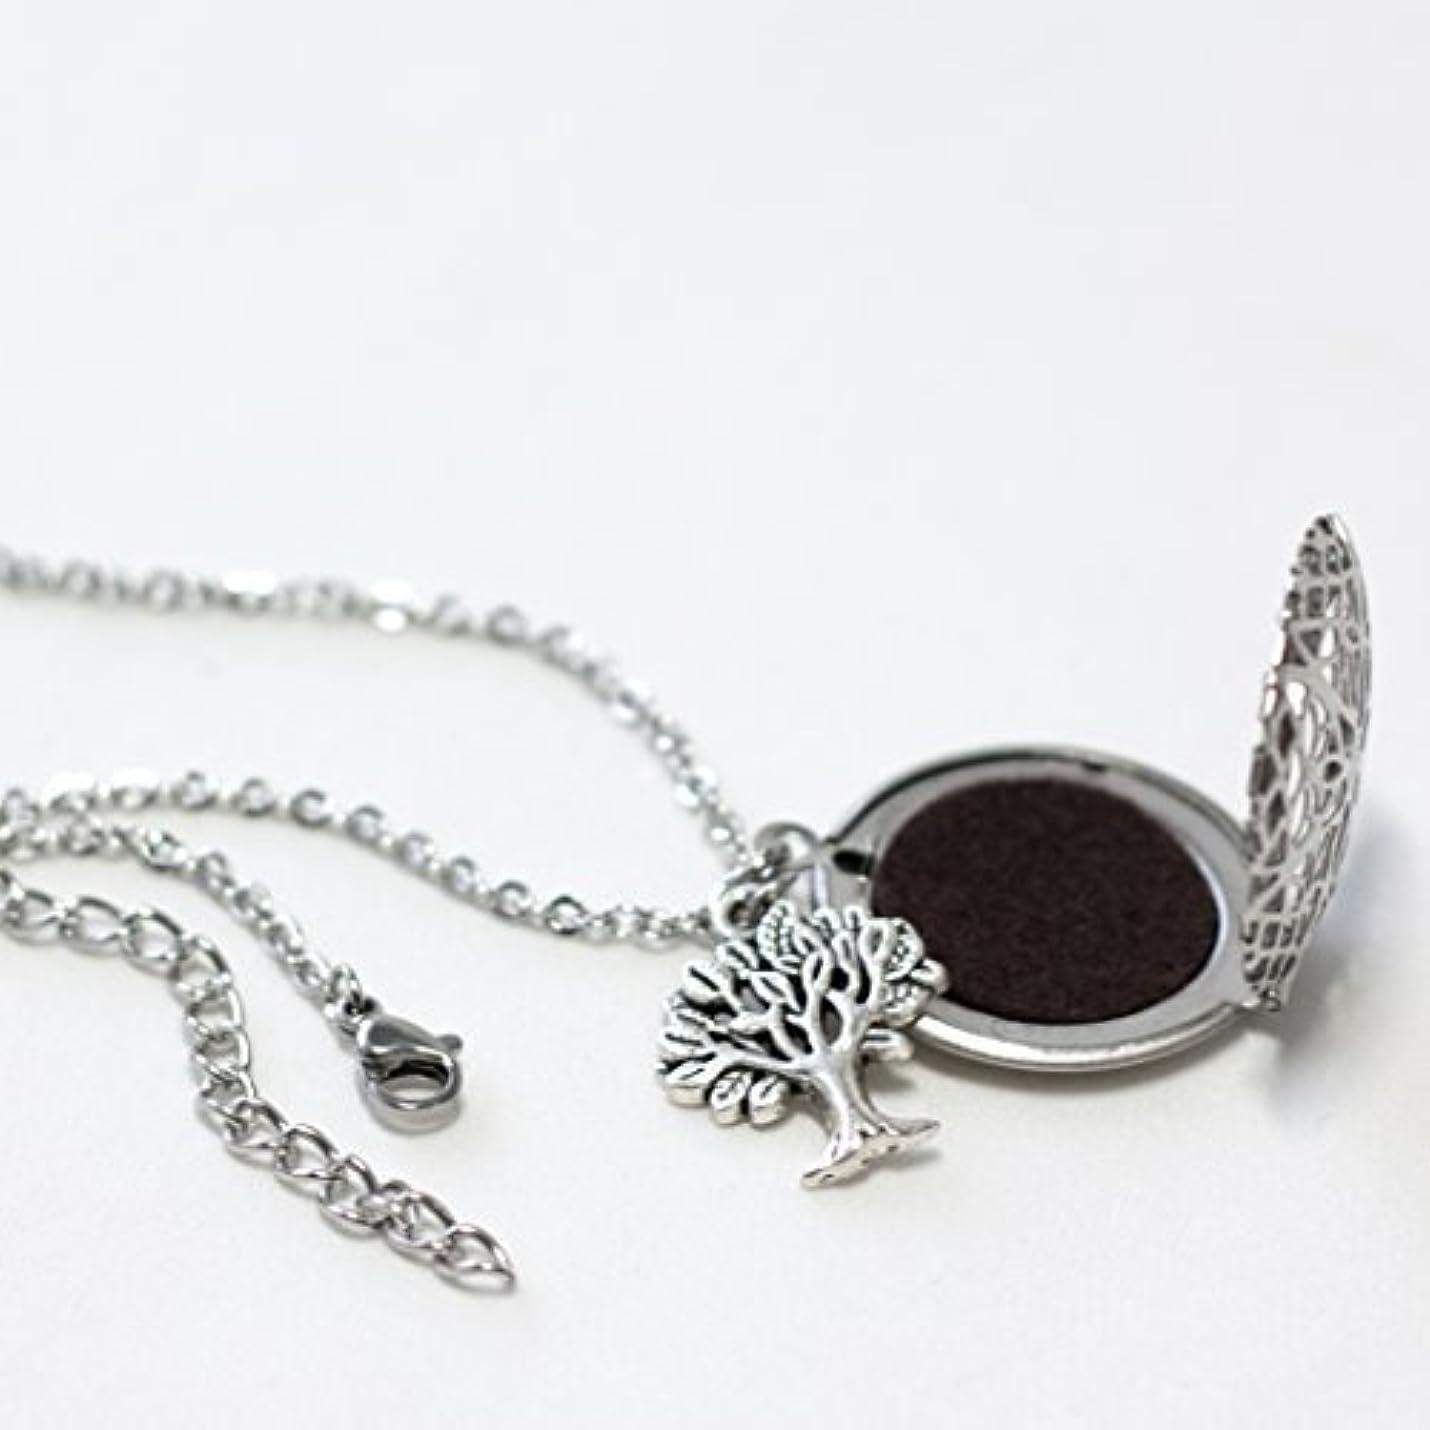 ブレイズ逃れる羽Tree Diffuser Necklace for Essential Oils 24 inches with felt pads [並行輸入品]